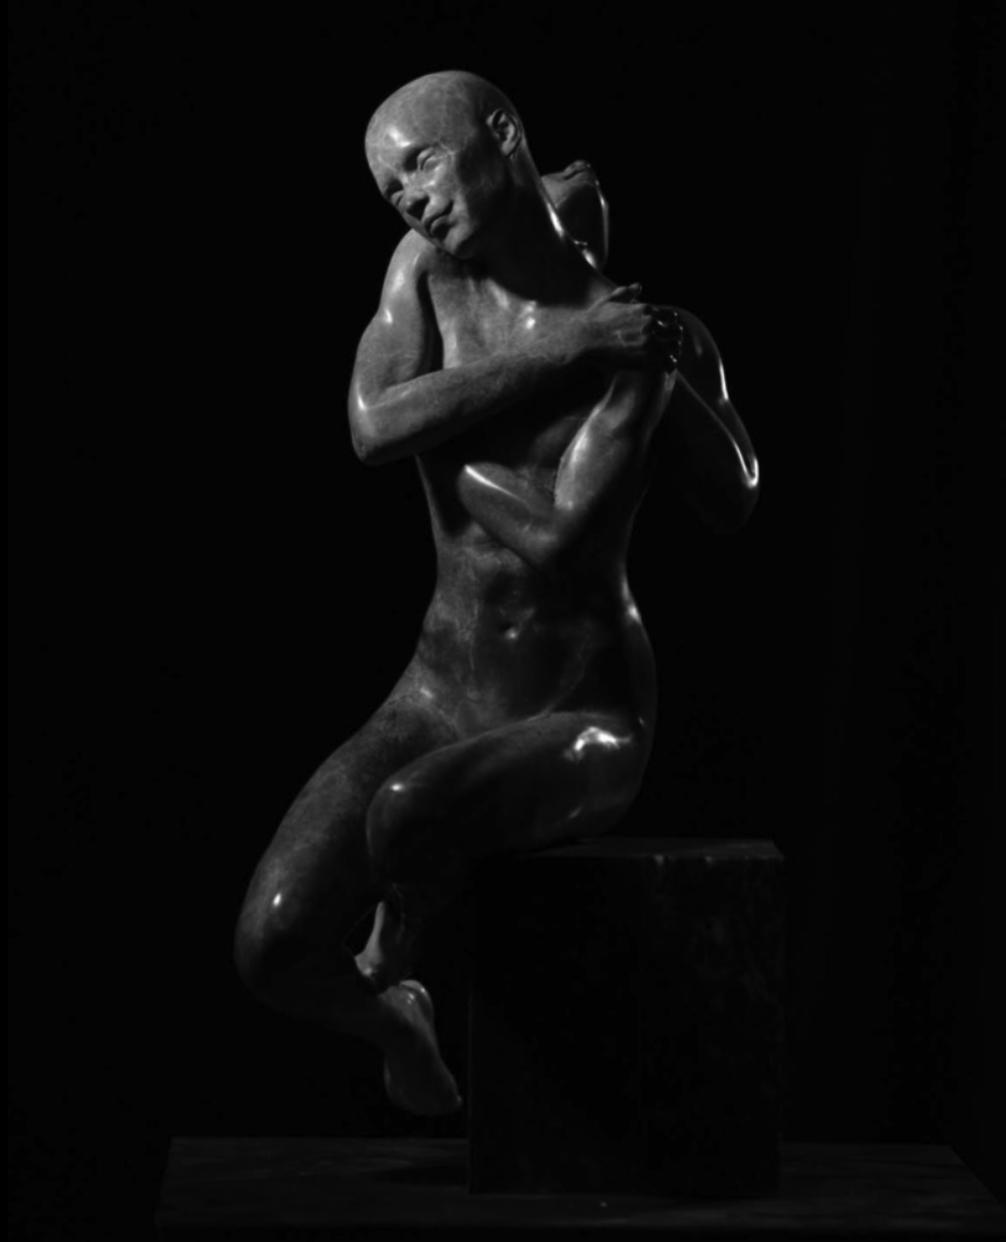 sculpture artwork by Hande Sekerciler